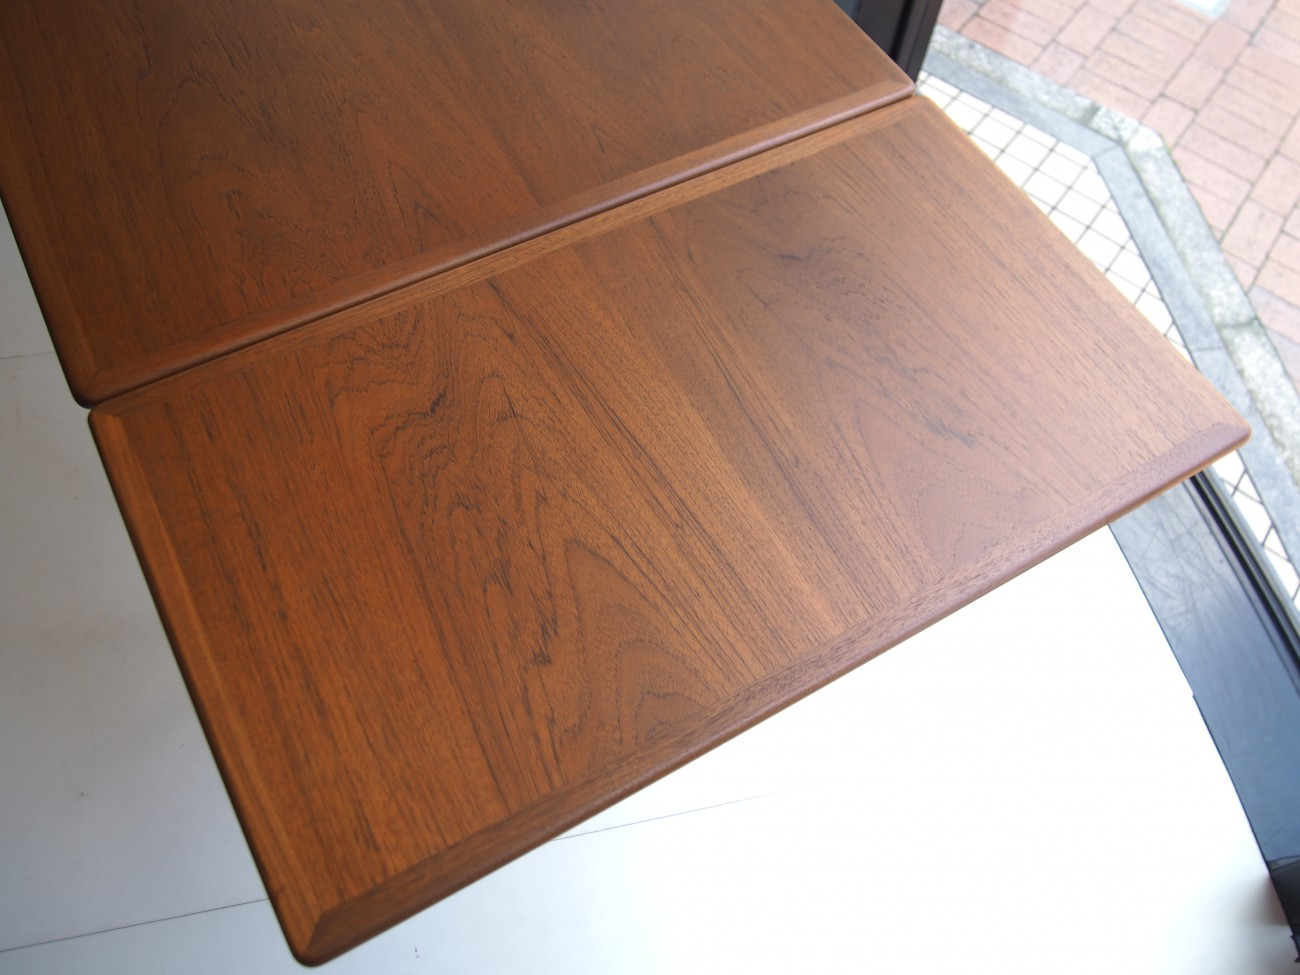 ハンス・ウェグナー AT-312 ダイニングテーブル / Hans J.Wegner ANDR.TUCK Dining table ビンテージ北欧家具